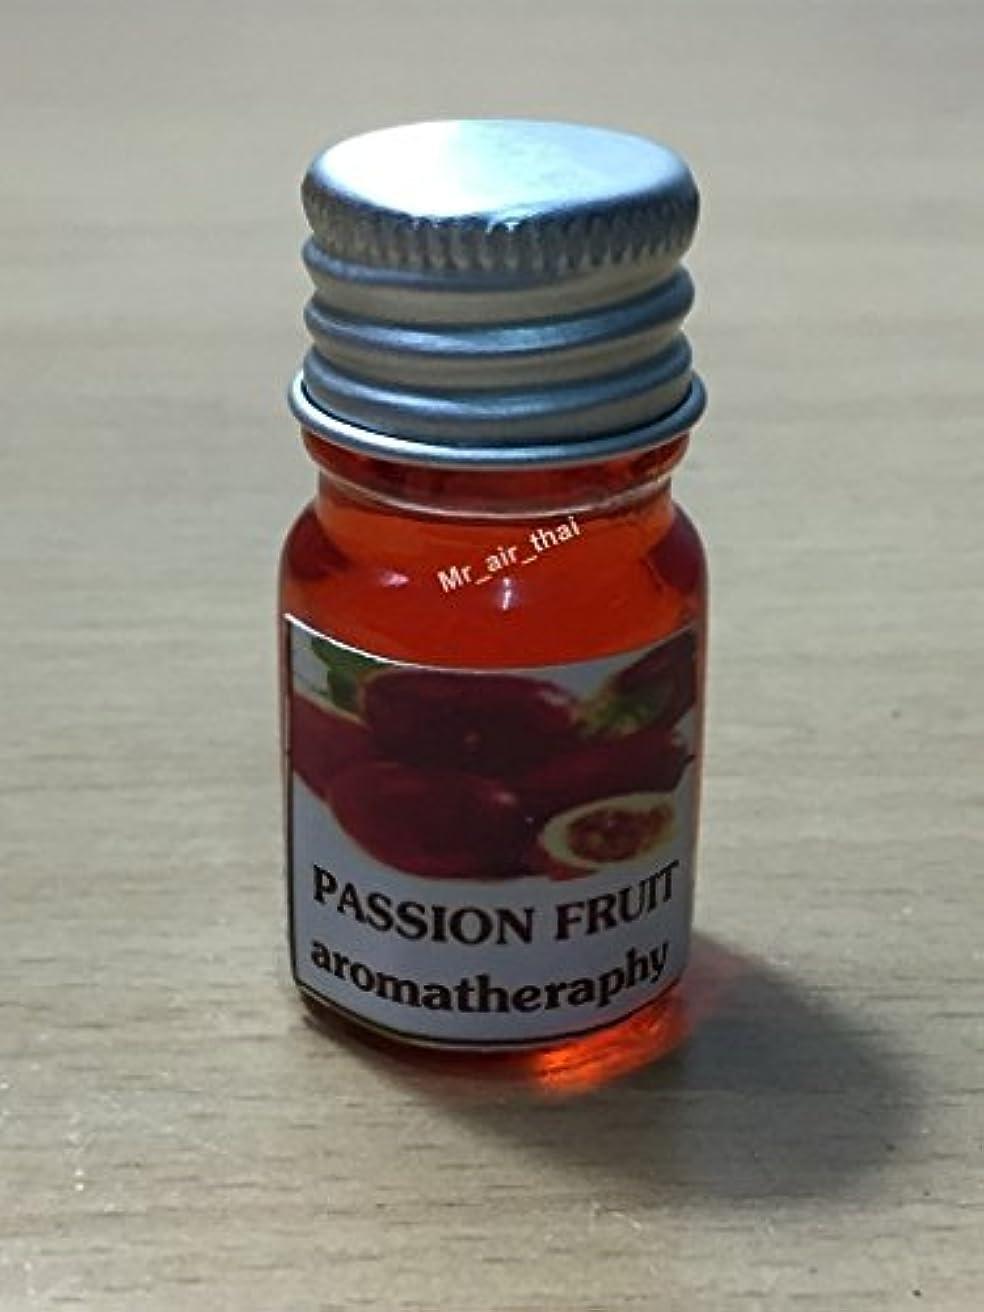 ドリンク祖母休眠5ミリリットルアロマパッションフルーツフランクインセンスエッセンシャルオイルボトルアロマテラピーオイル自然自然5ml Aroma Passion Fruit Frankincense Essential Oil Bottles...